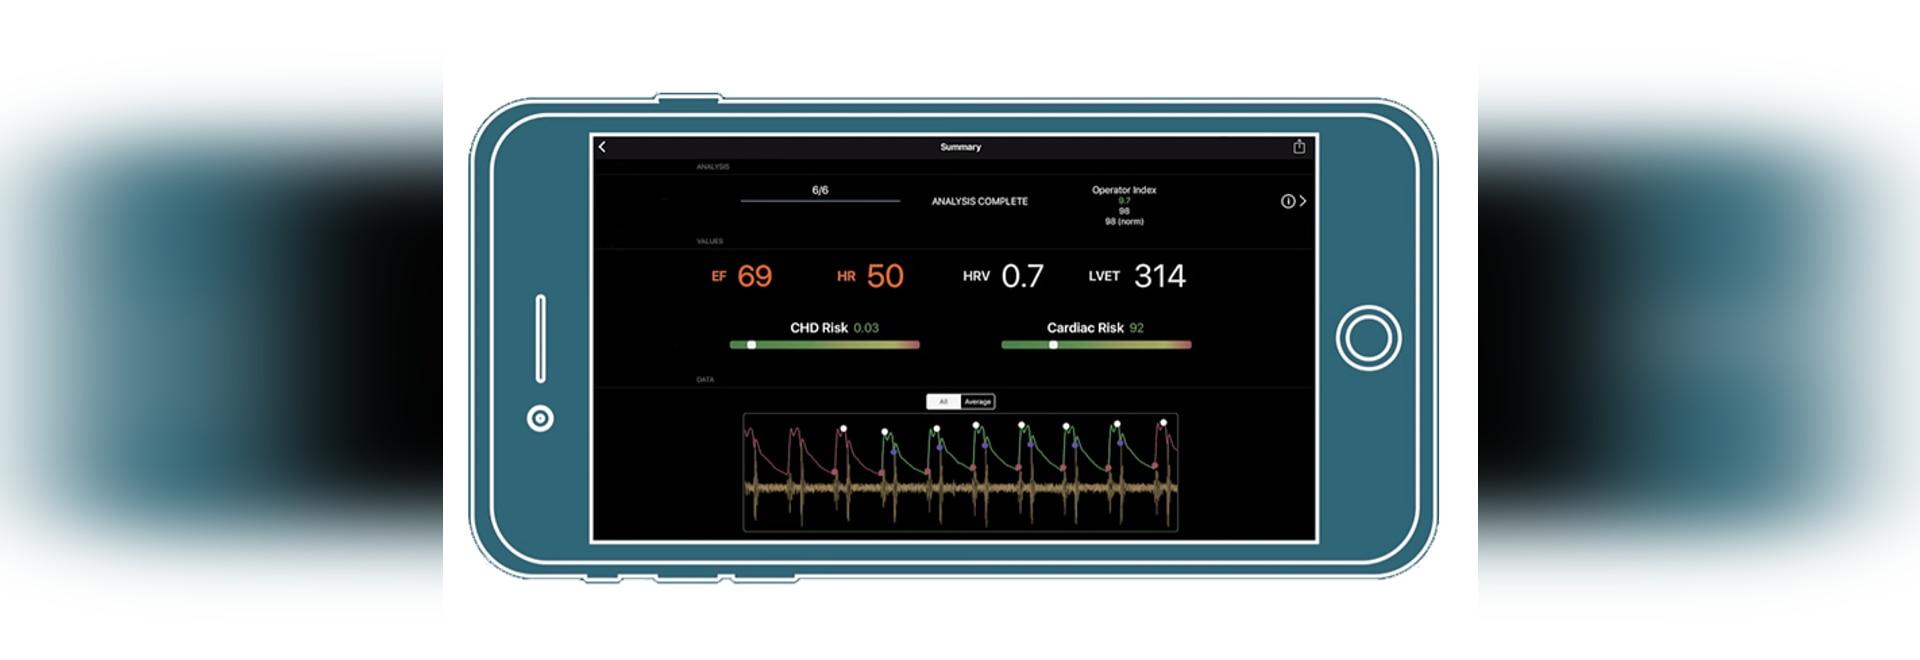 Smartphone usando su cámara puede evaluar salud del corazón